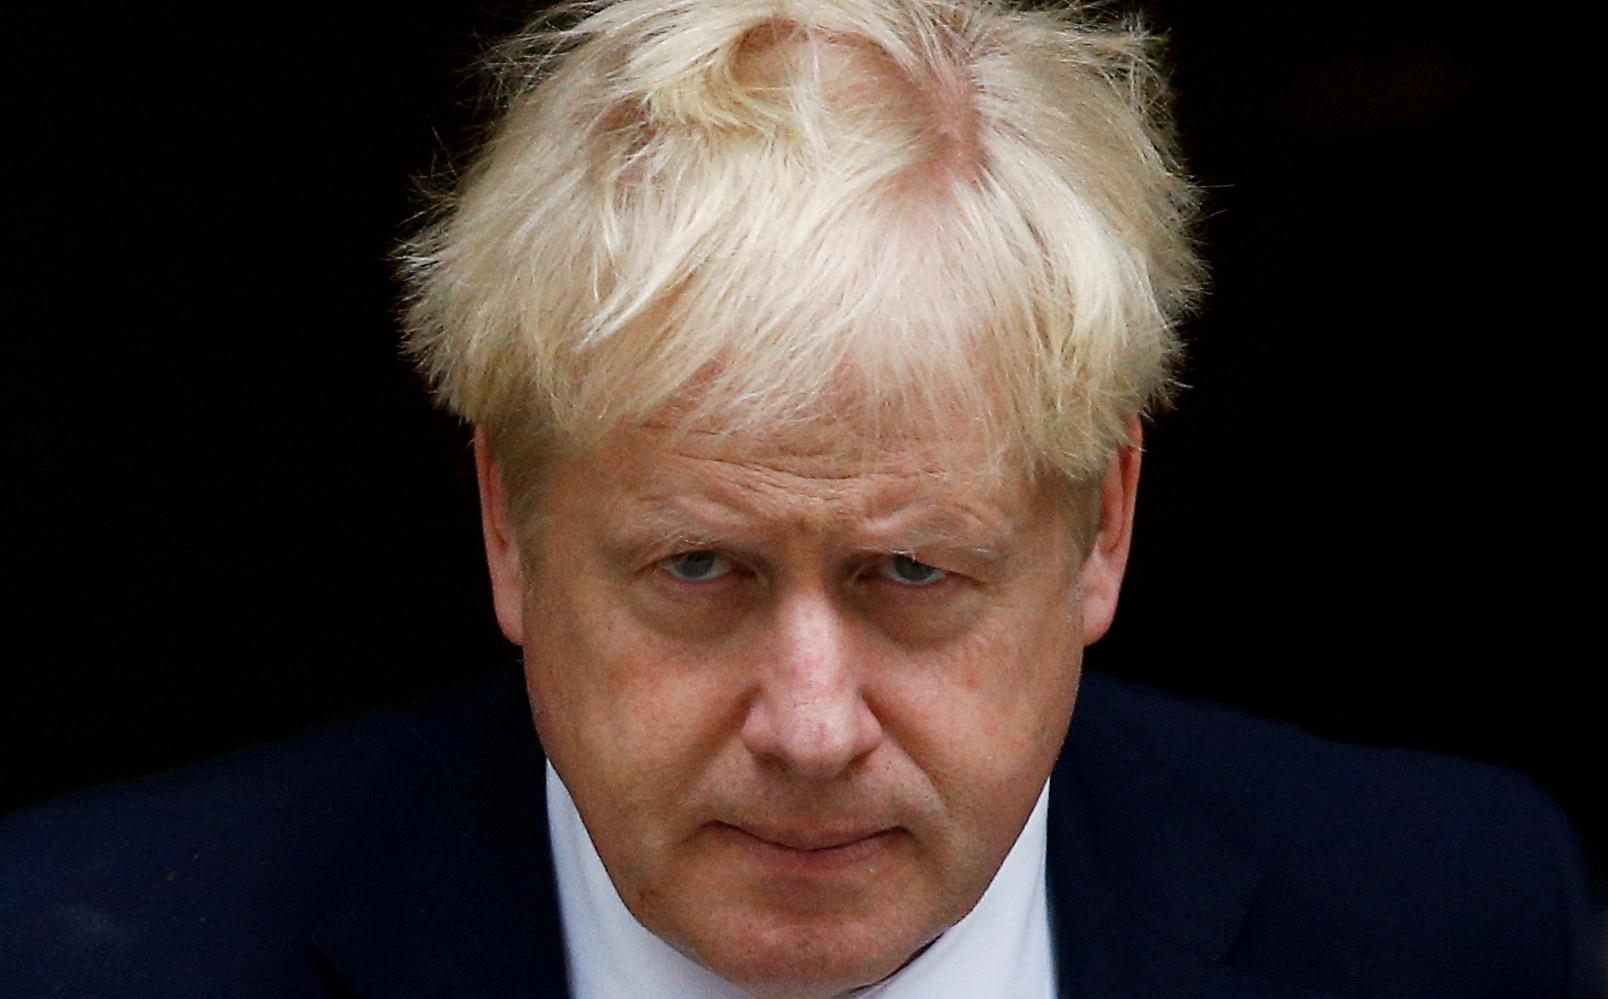 """Πρώτη νίκη για Τζόνσον! Δεν """"αναγκάζεται"""" νομικά να ζητήσει αναβολή του Brexit αν δεν επιτευχθεί συμφωνία"""